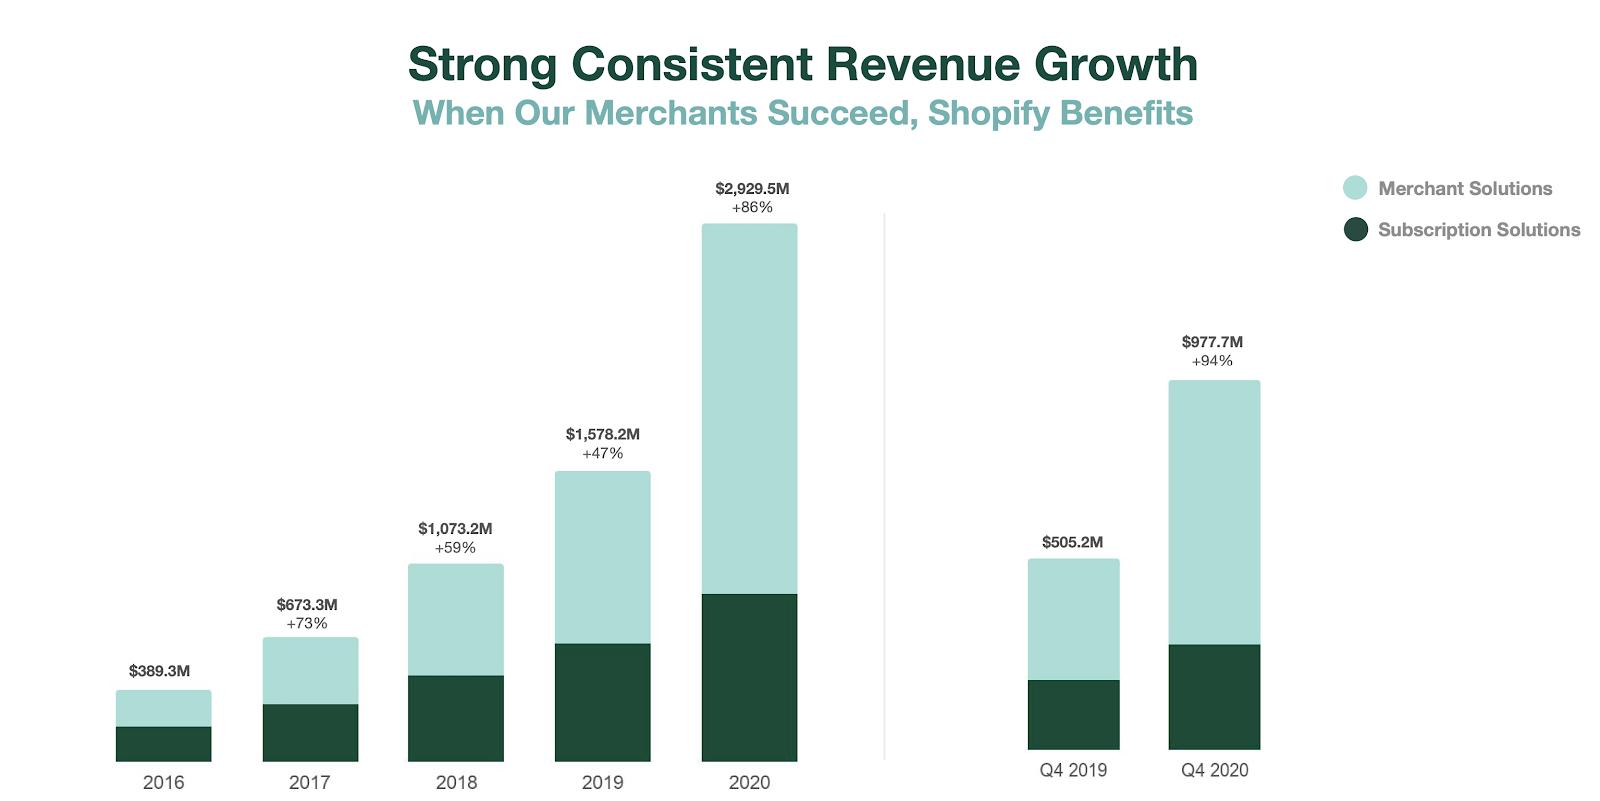 Will Shopify's SHOP Stock Split in the Near Future   Seeking Alpha